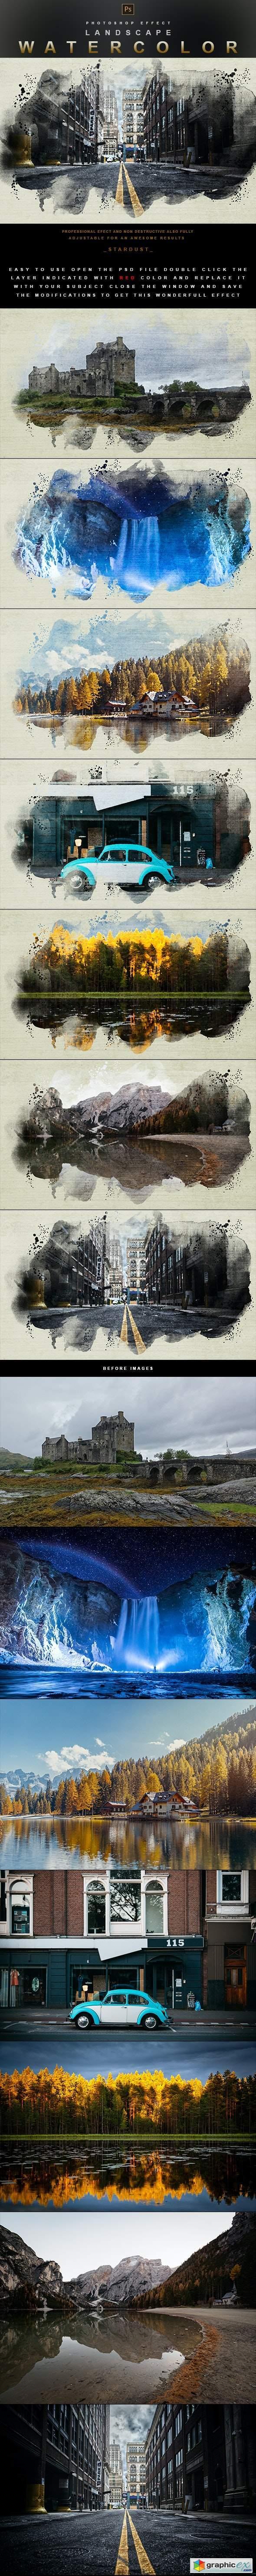 Landscape Watercolor - Photoshop Effect